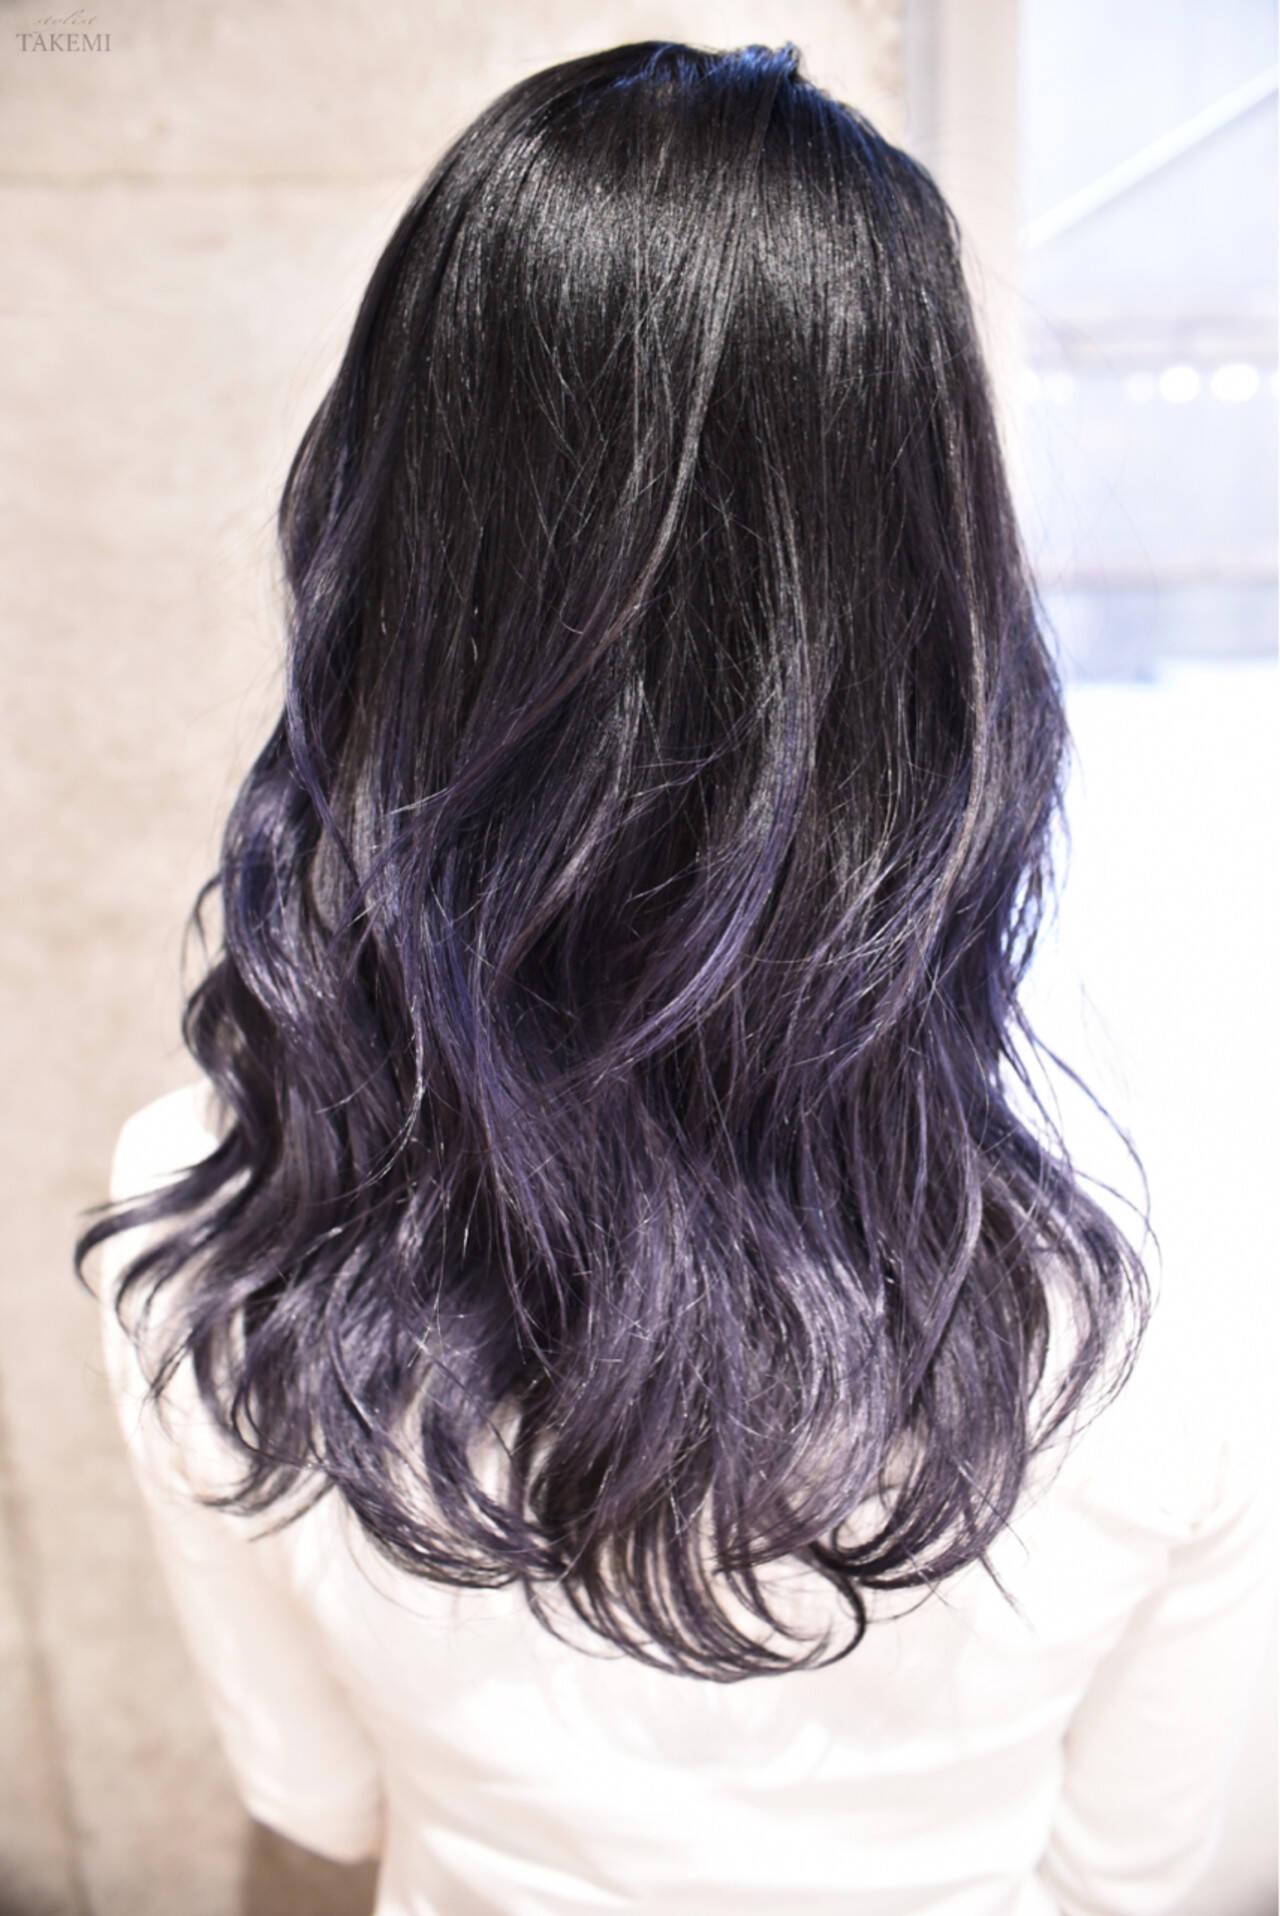 セミロング 外国人風カラー ハイライト ストリートヘアスタイルや髪型の写真・画像